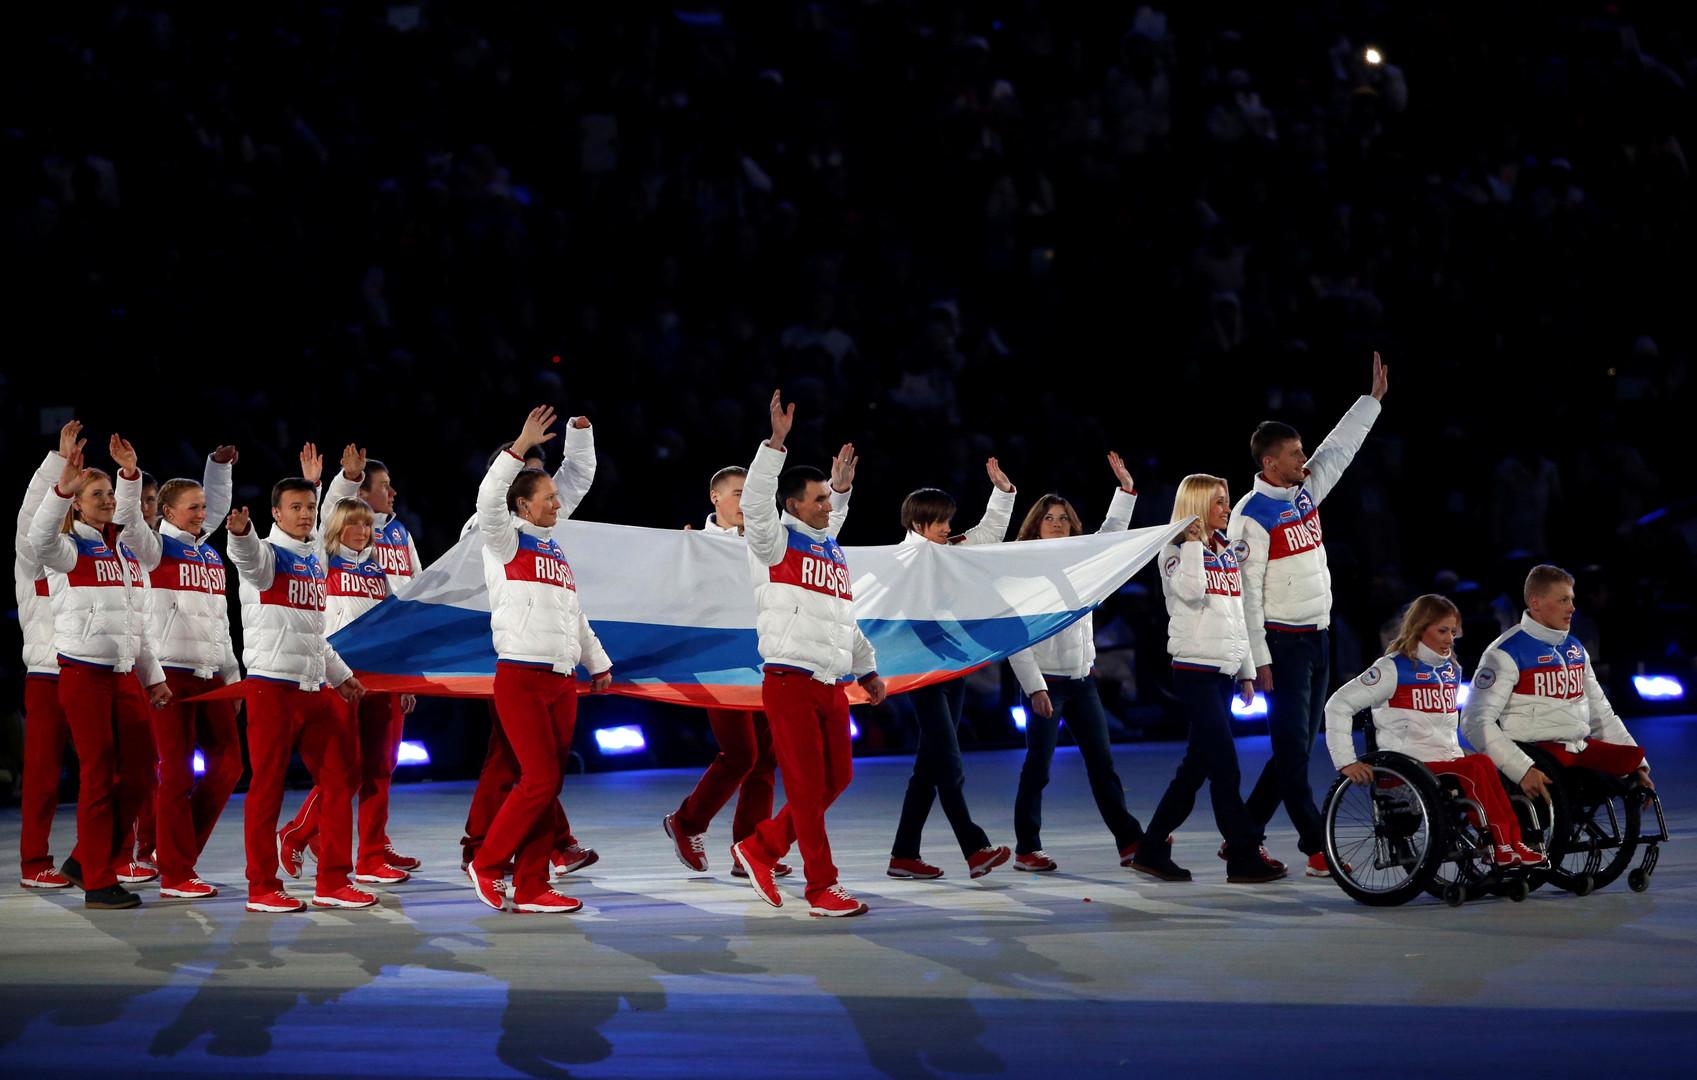 «Россия должна восстановить доверие спортивного мира»: МПК оставил в силе отстранение ПКР